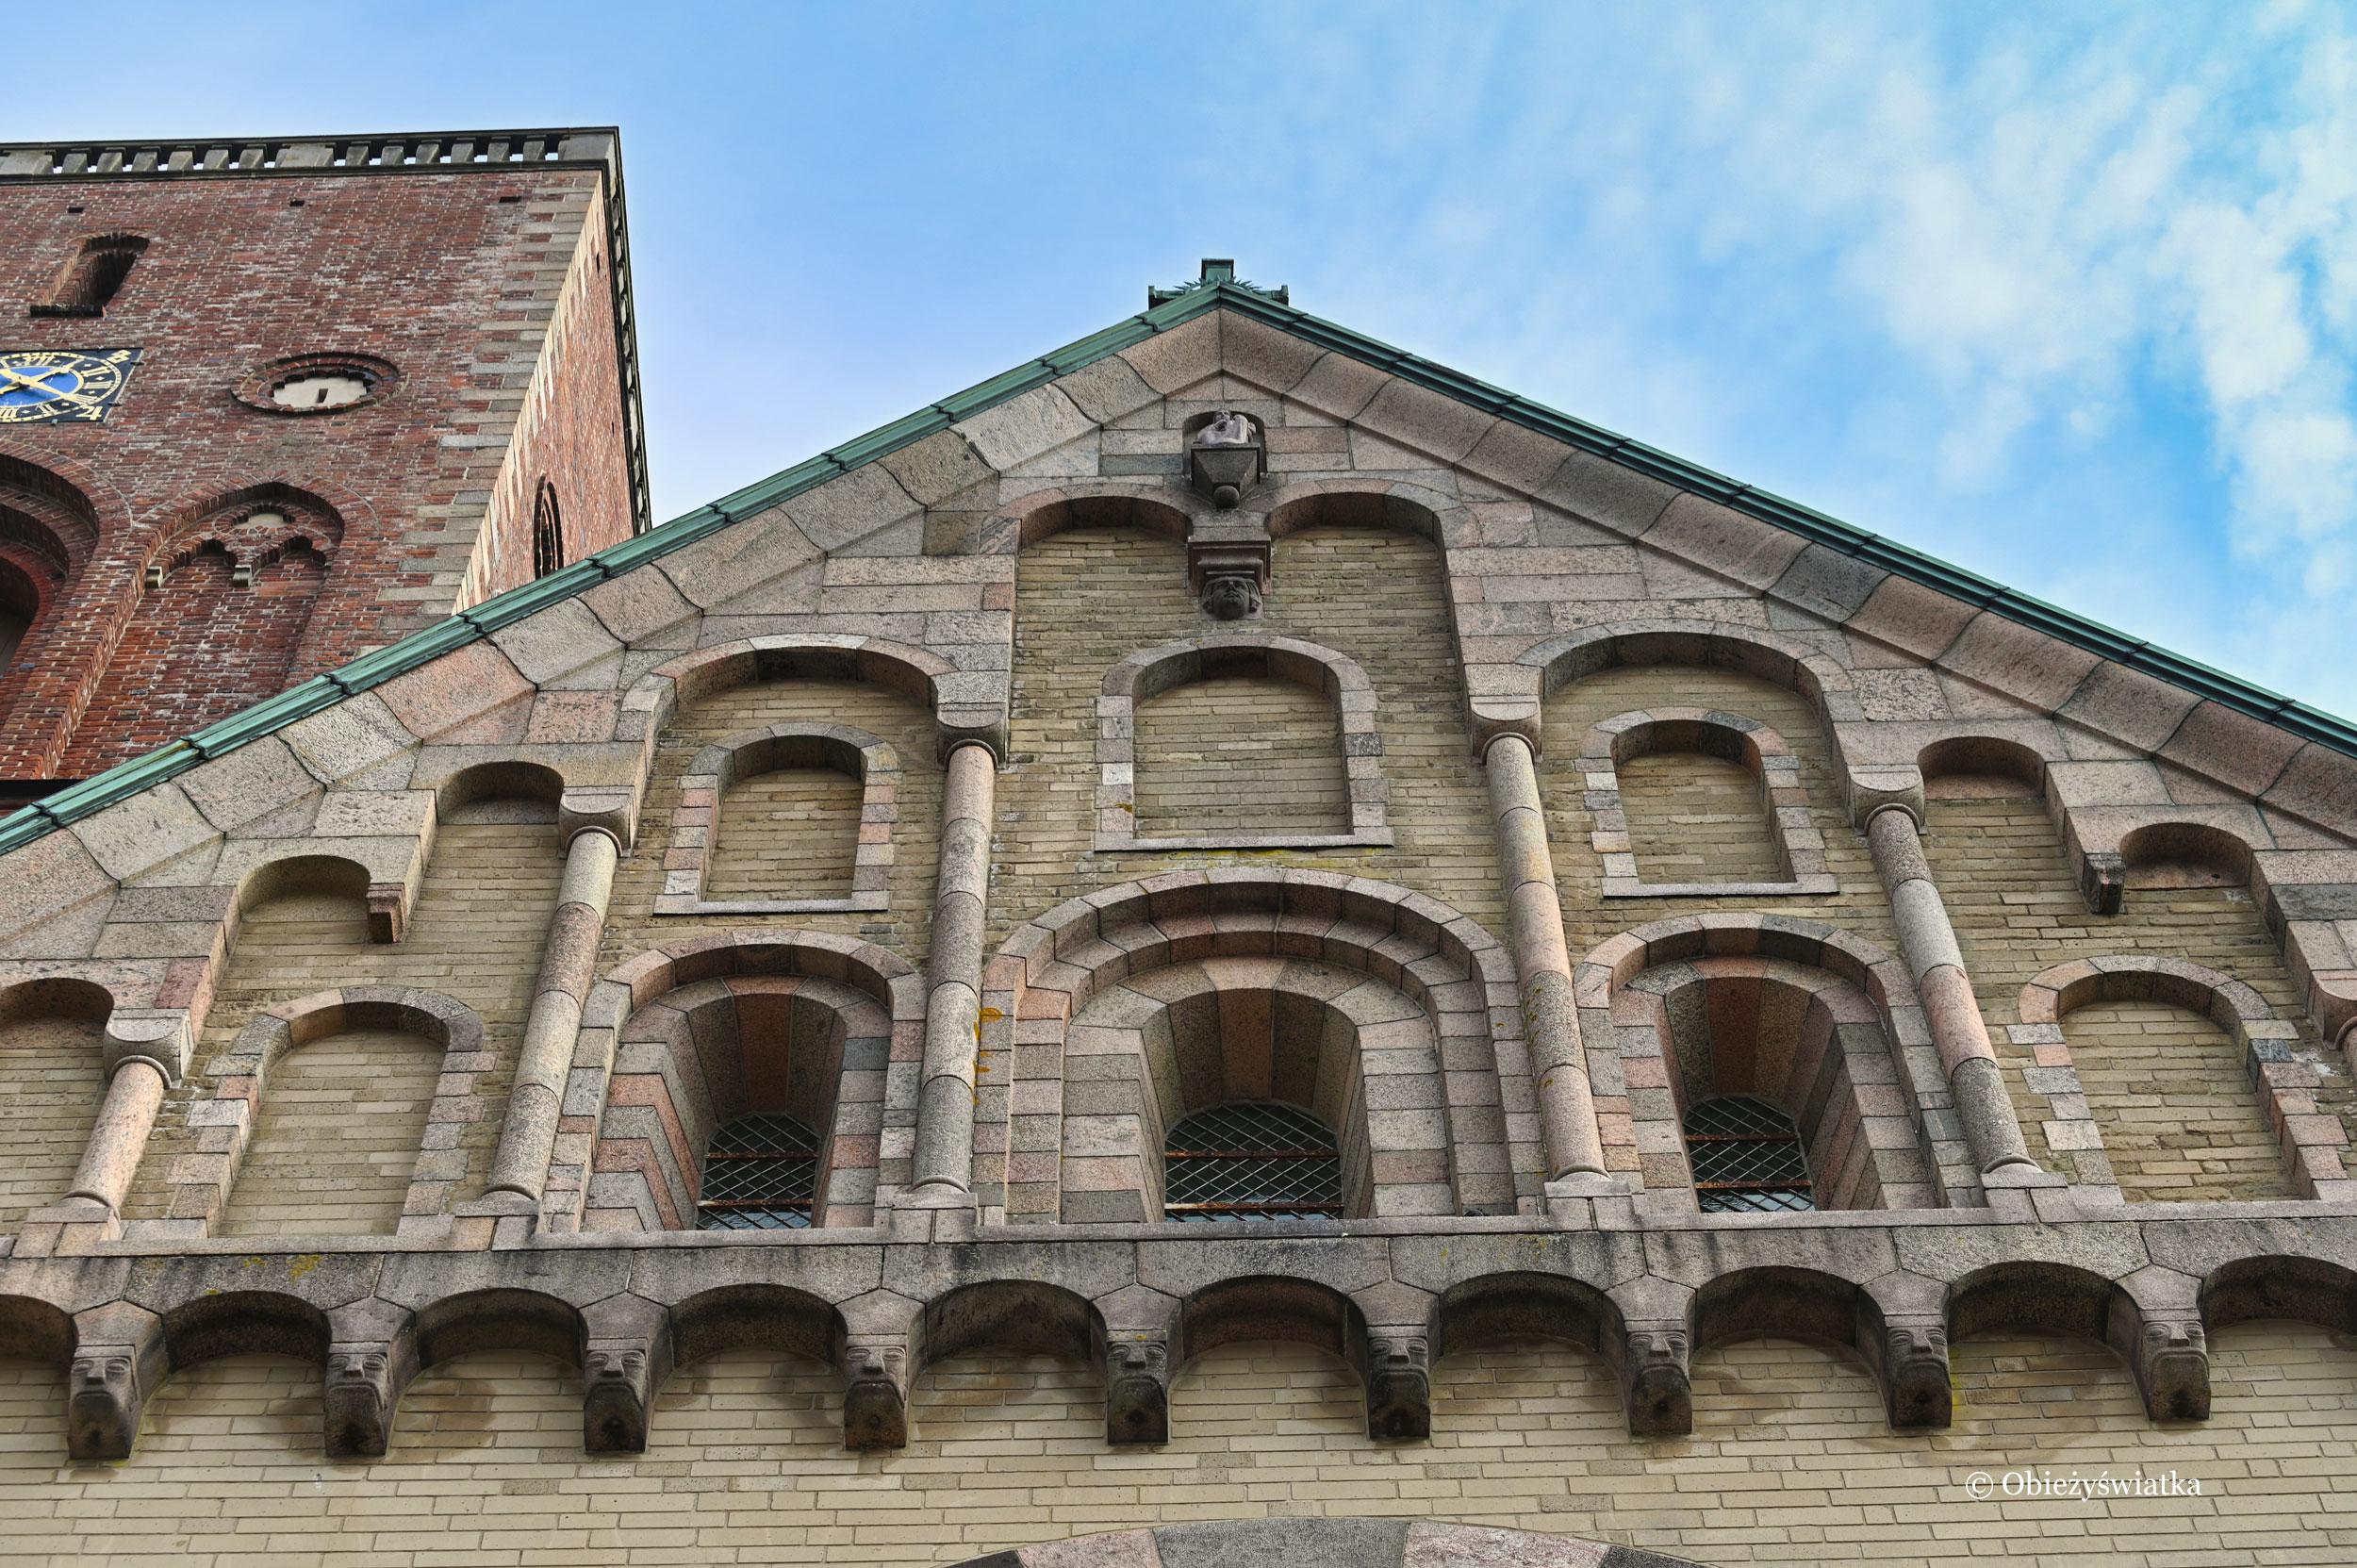 Zachodnia fasada katedry w stylu romańskim, Ribe, Dania